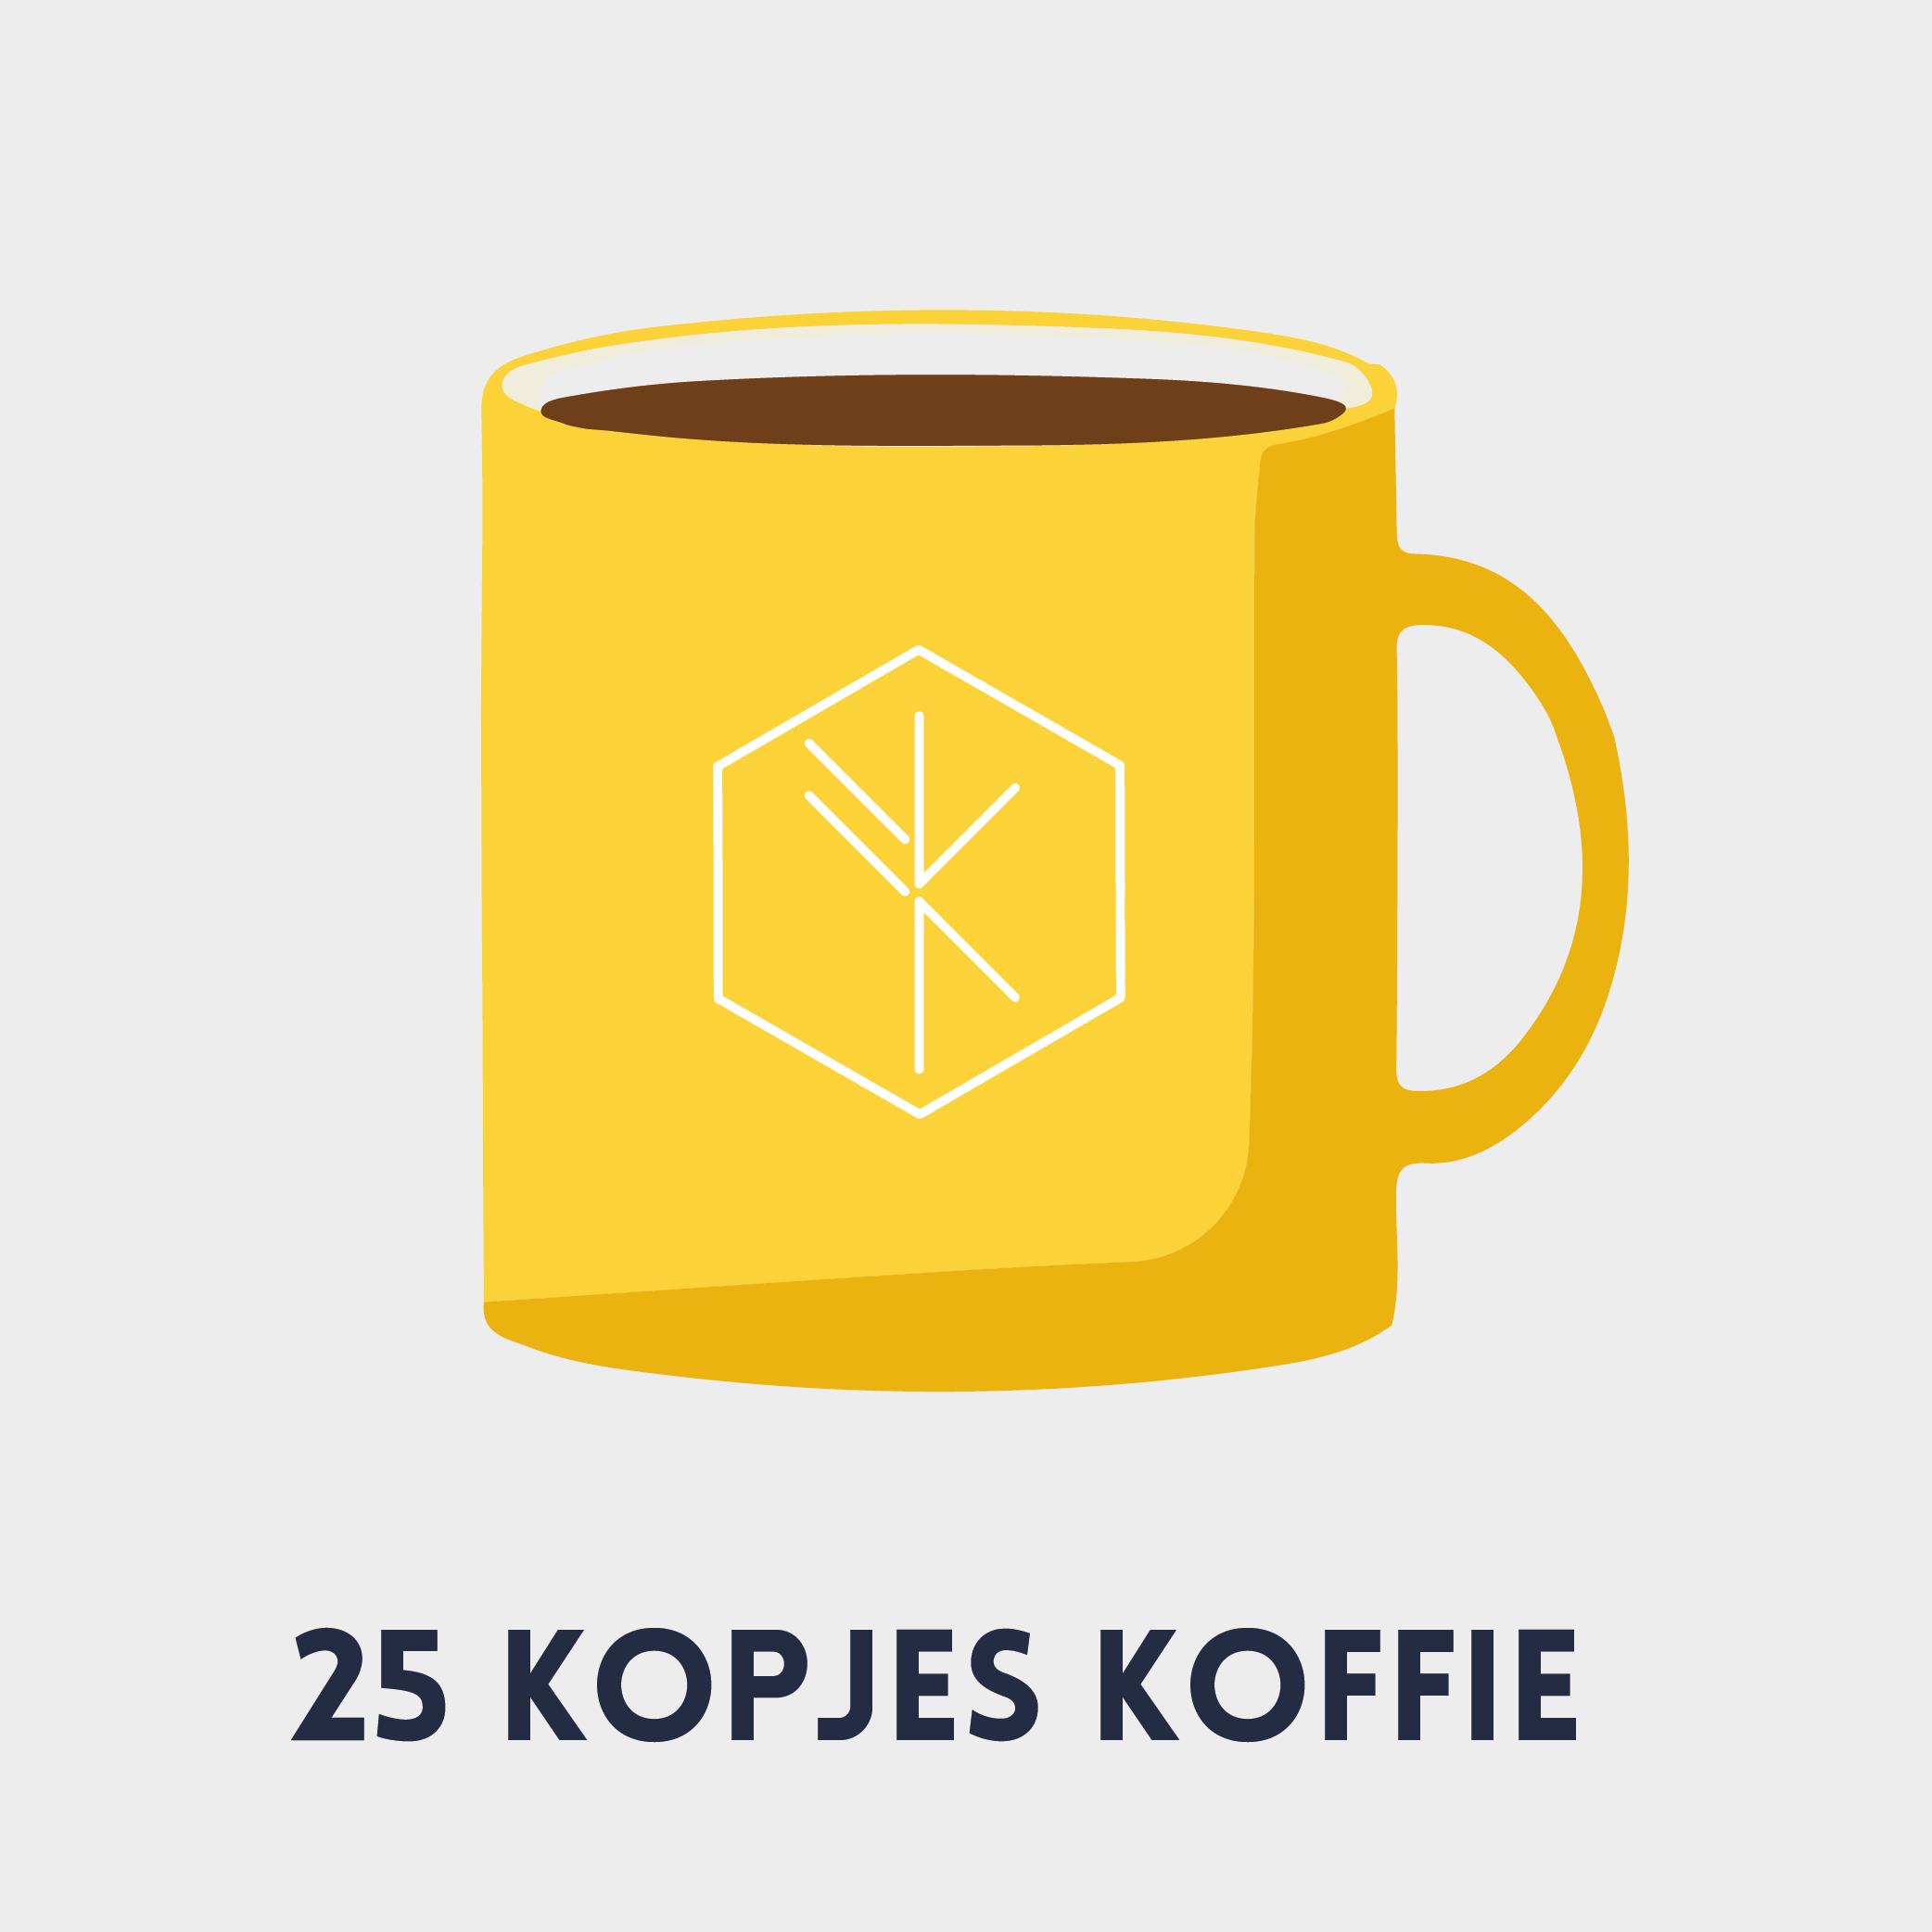 kopjes-koffie_Tekengebied 1-01